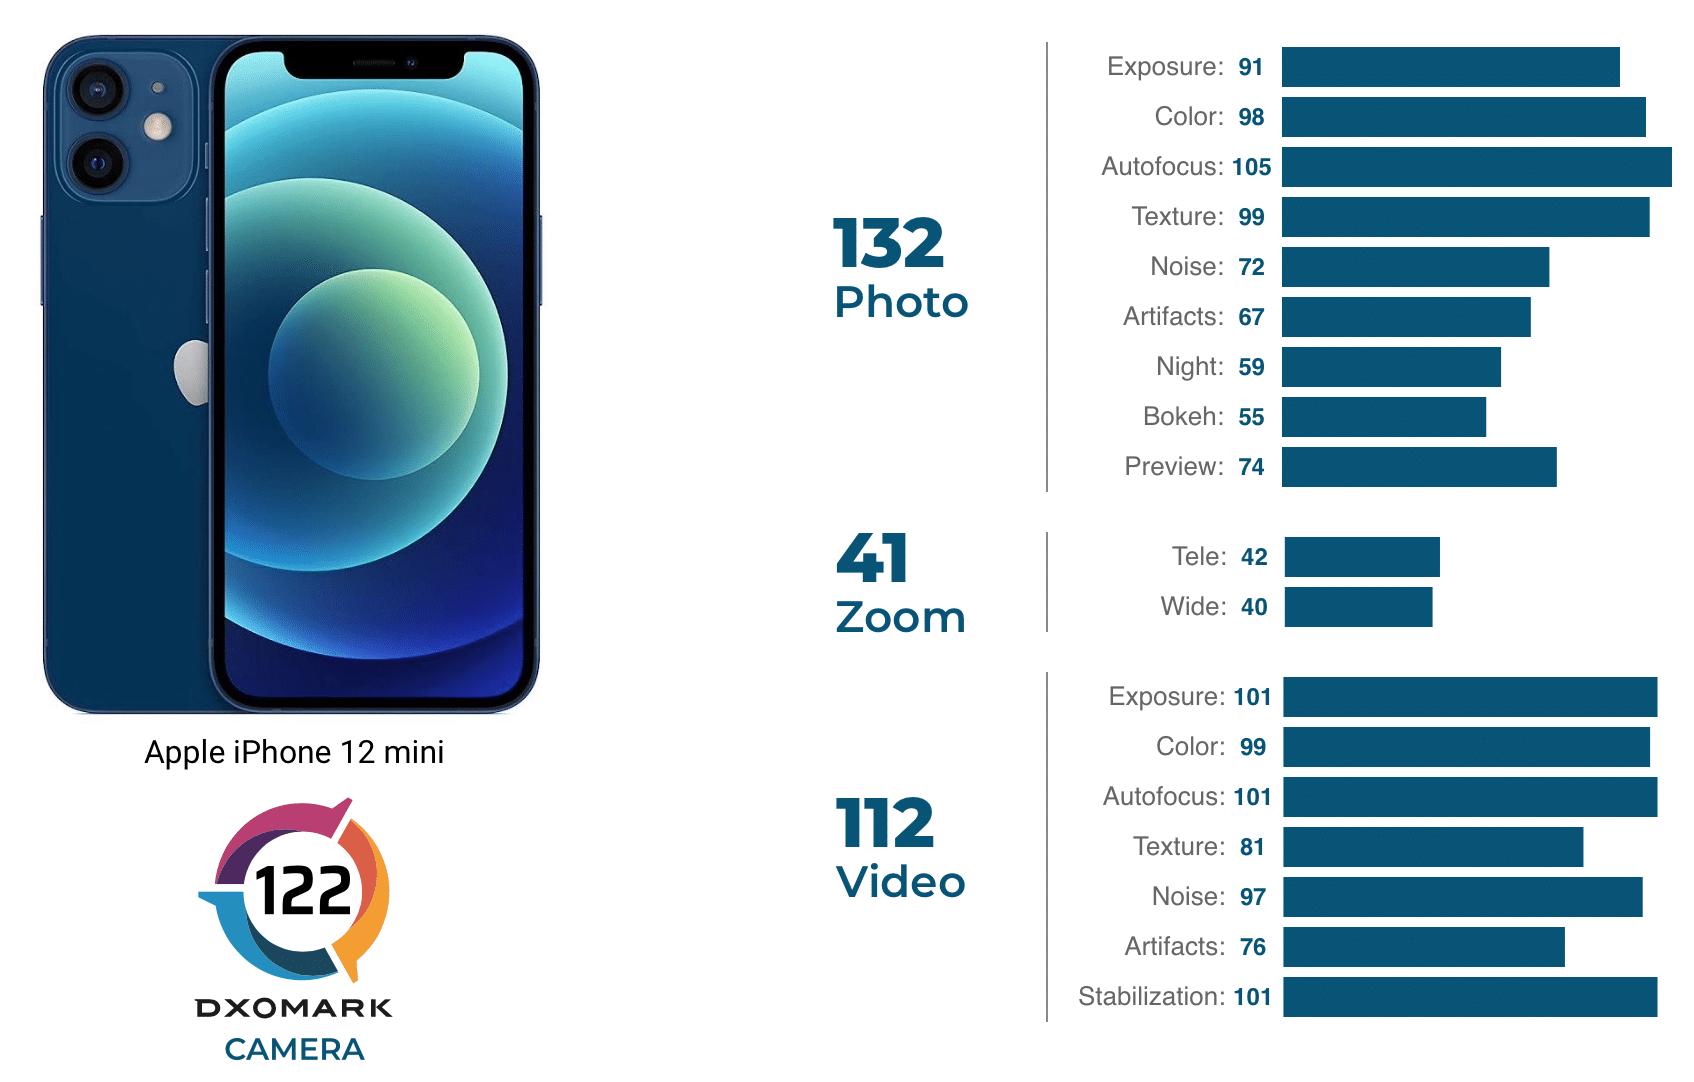 Avaliação do iPhone 12 mini pelo DXOMARK